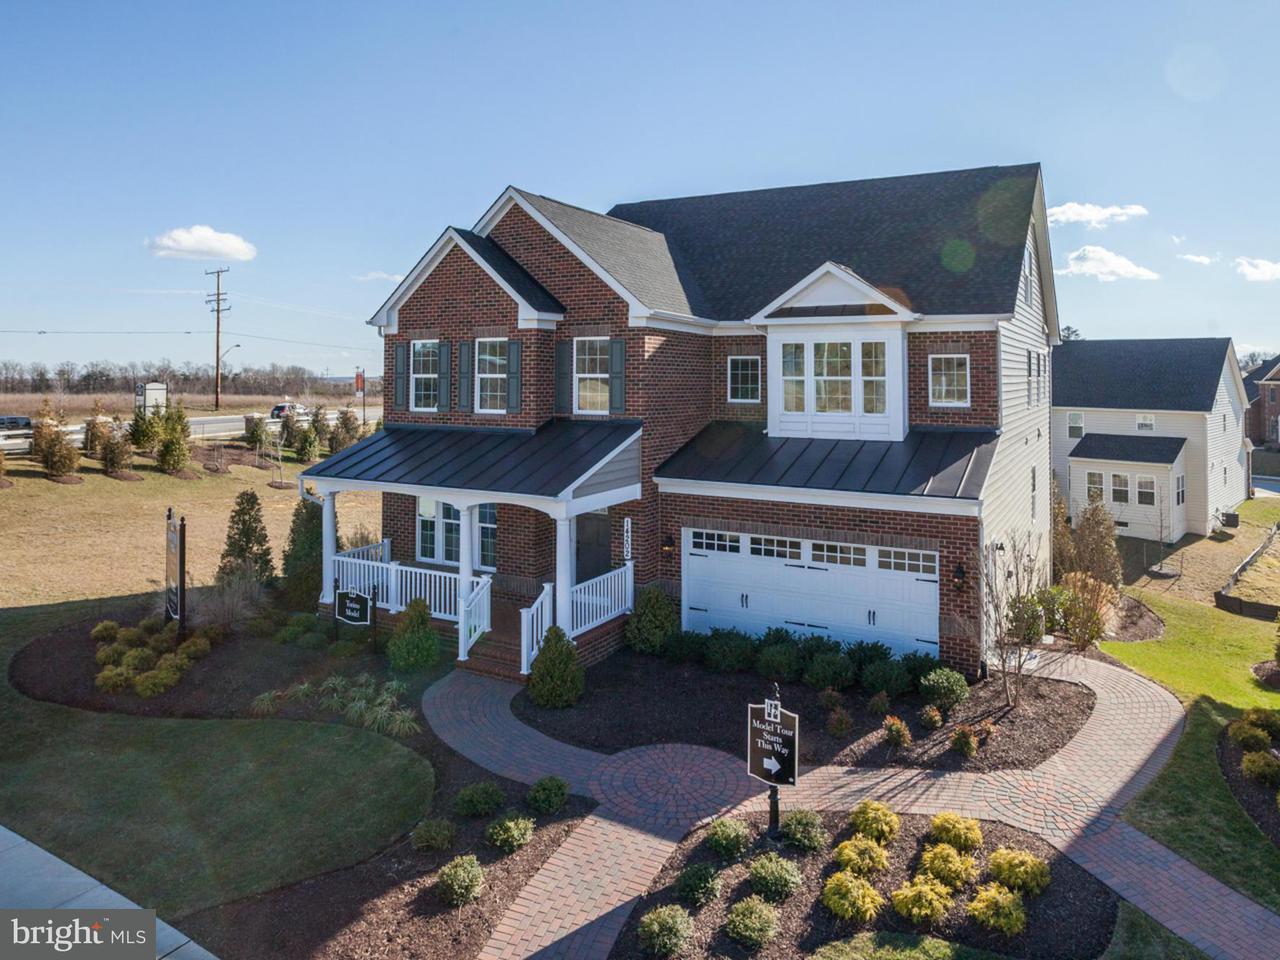 獨棟家庭住宅 為 出售 在 14624 Bentley Park Drive 14624 Bentley Park Drive Burtonsville, 馬里蘭州 20866 美國